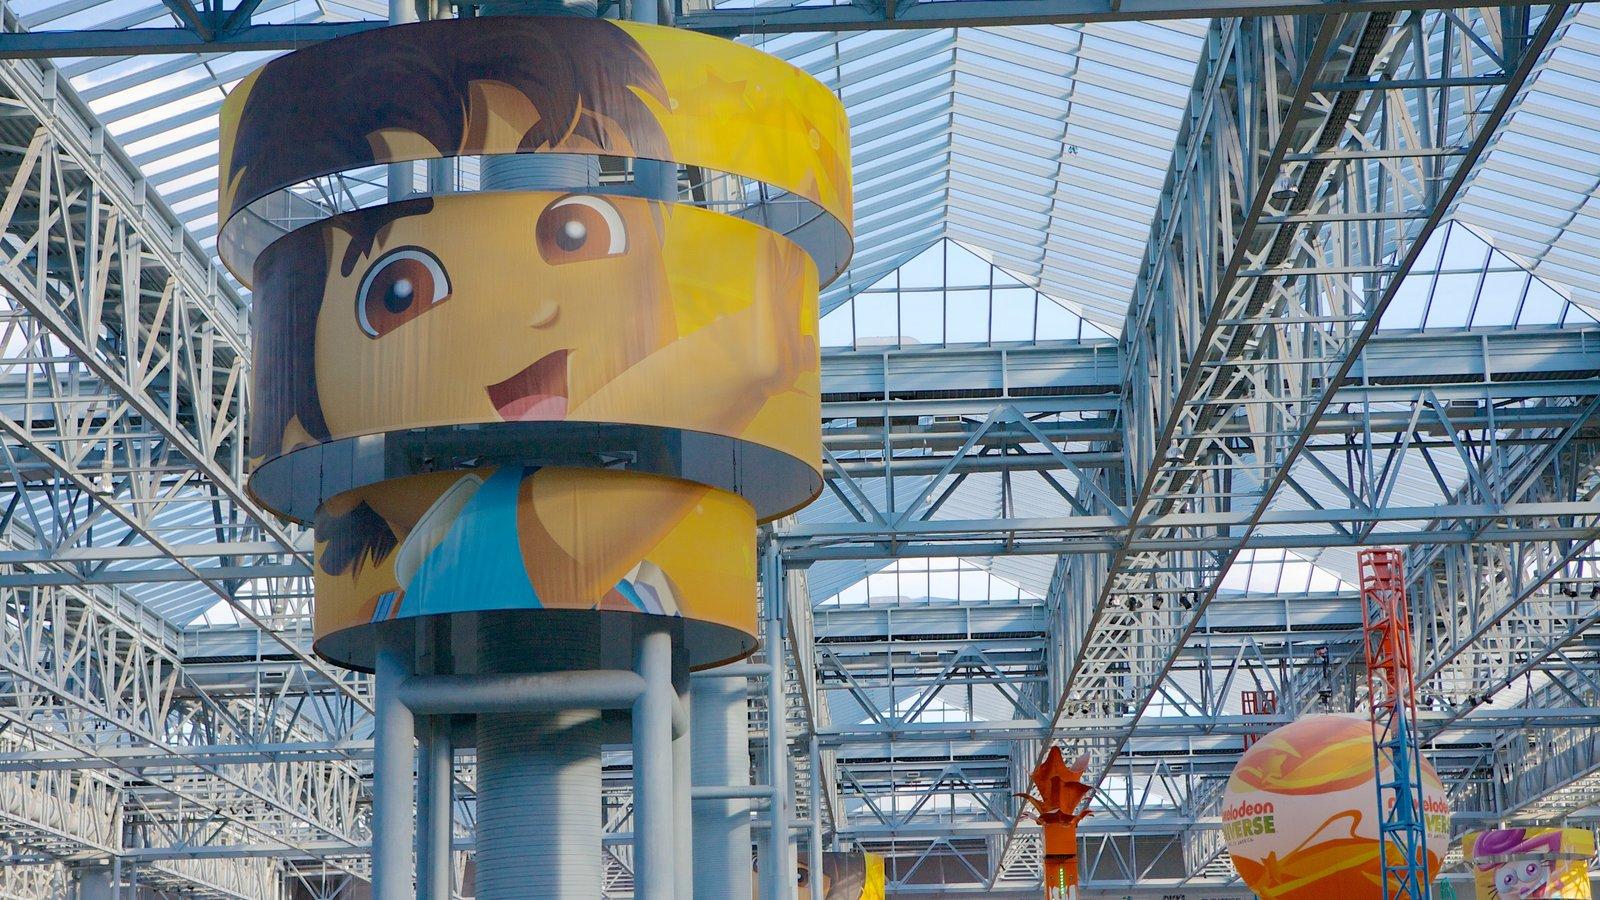 Nickelodeon Universe caracterizando vistas internas, passeios e uma baía ou porto